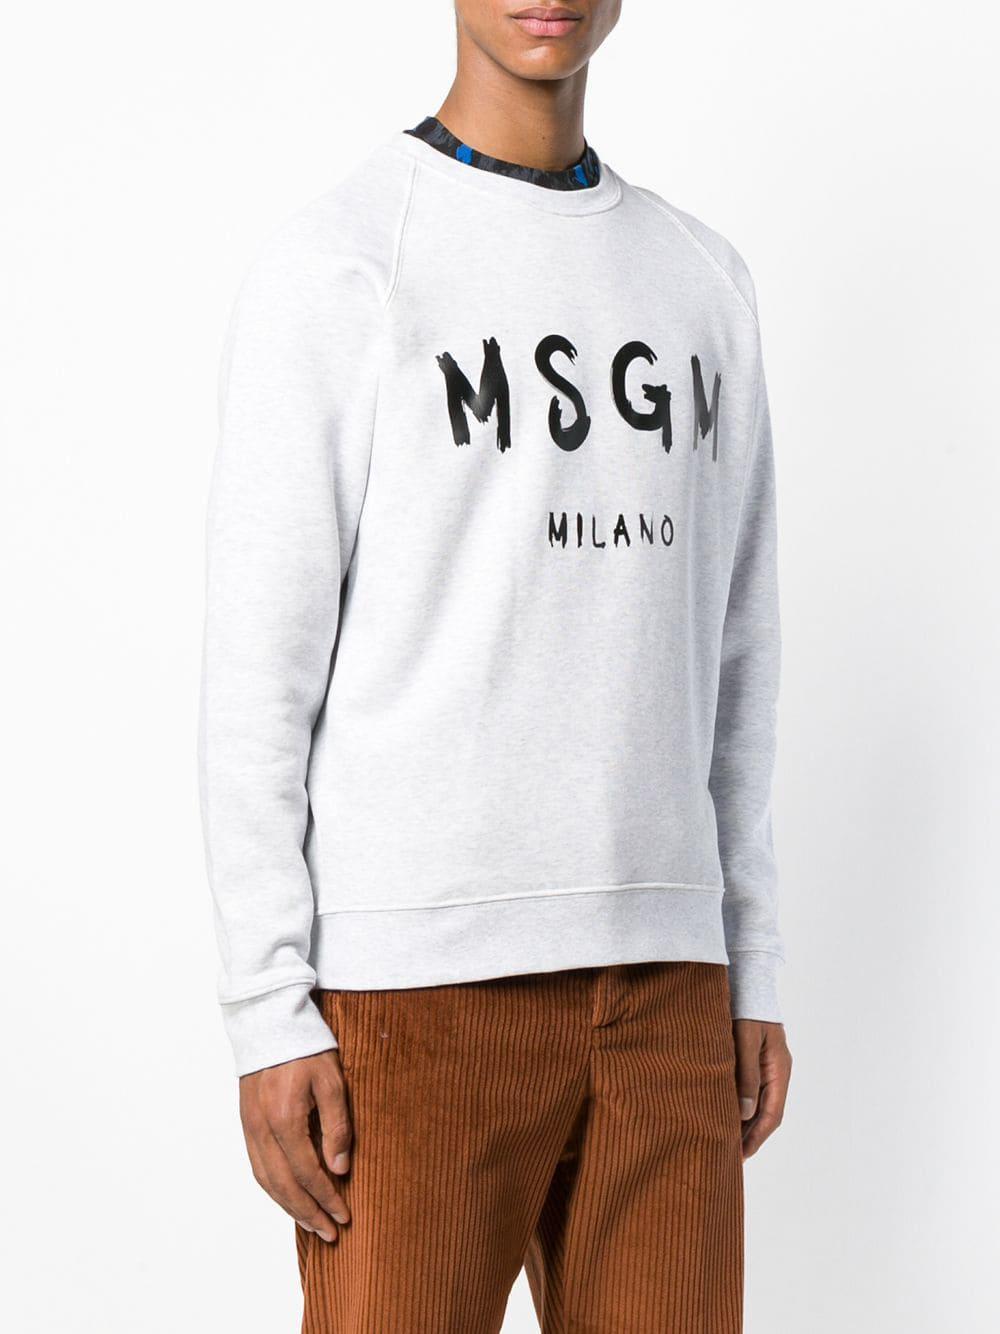 MSGM Katoen Trui Met Geprint Logo in het Grijs voor heren